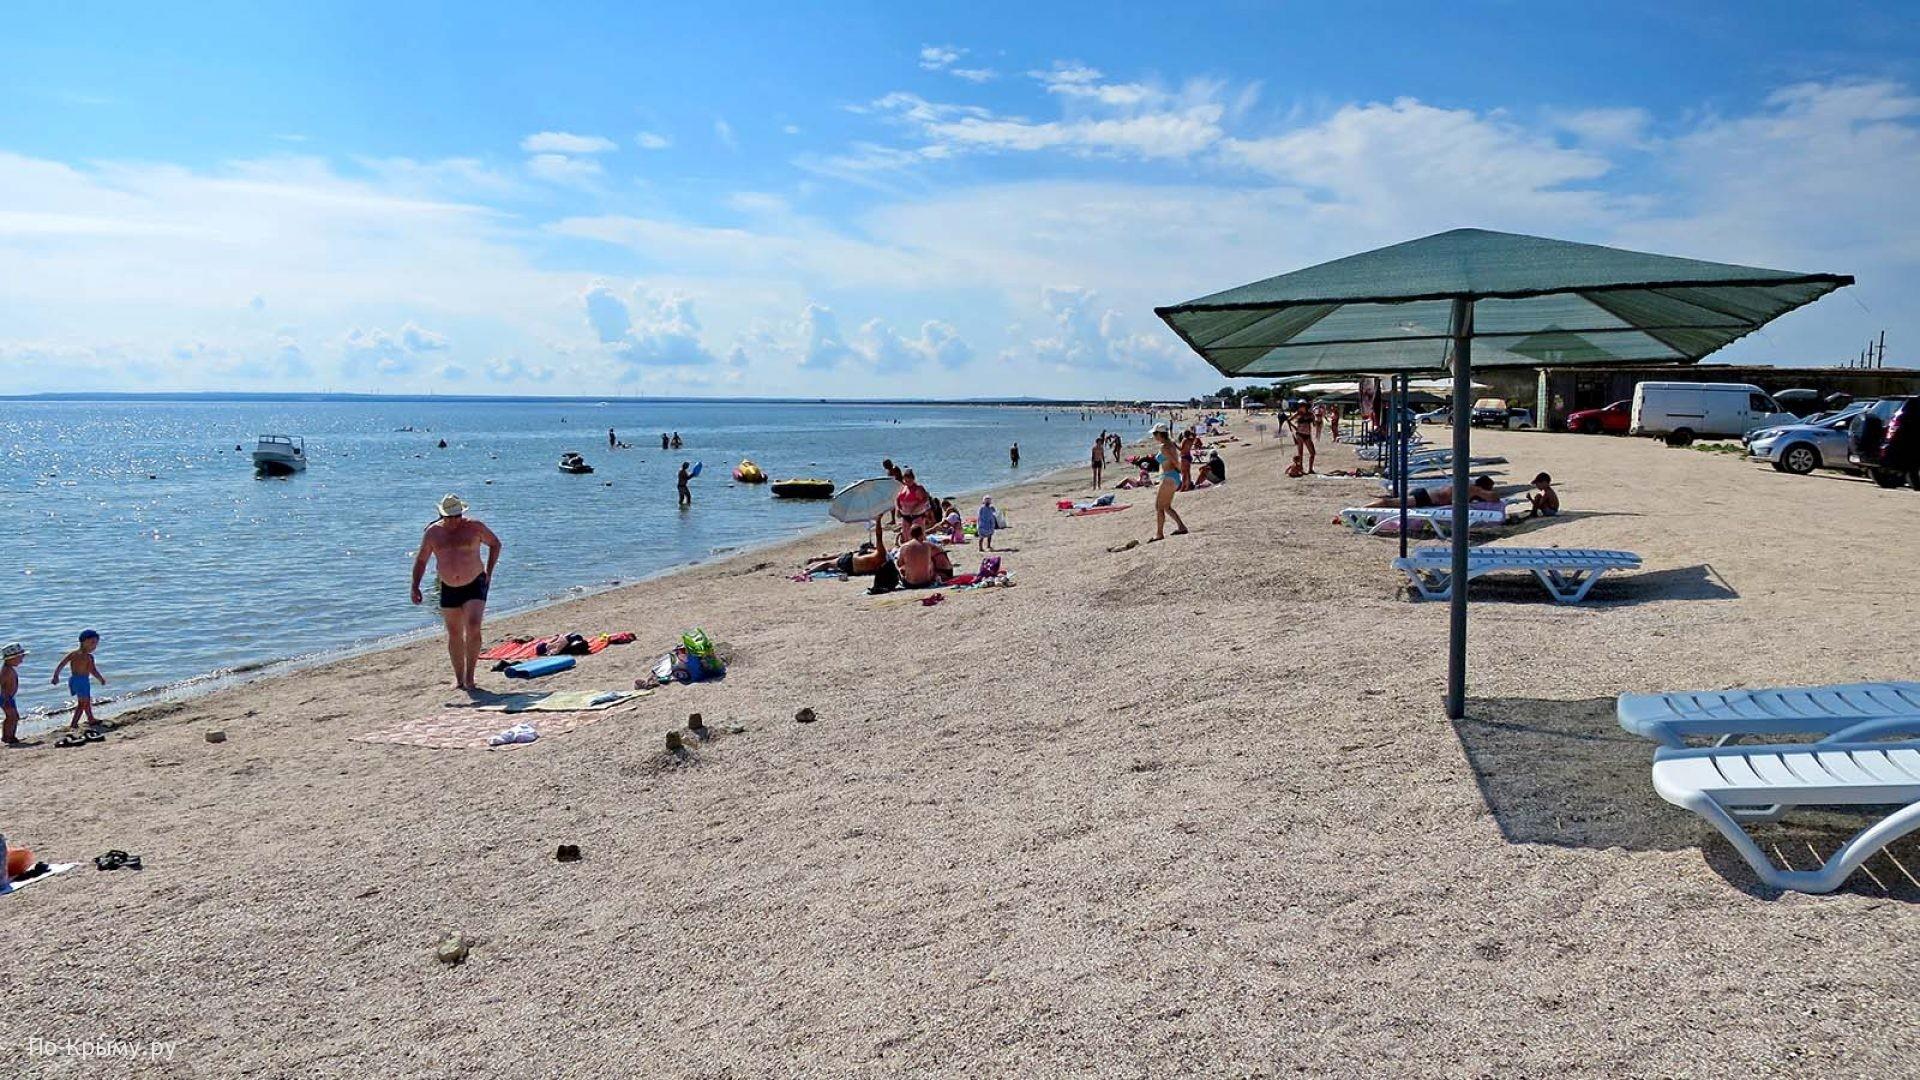 Песчаные пляжи Крыма - топ 10